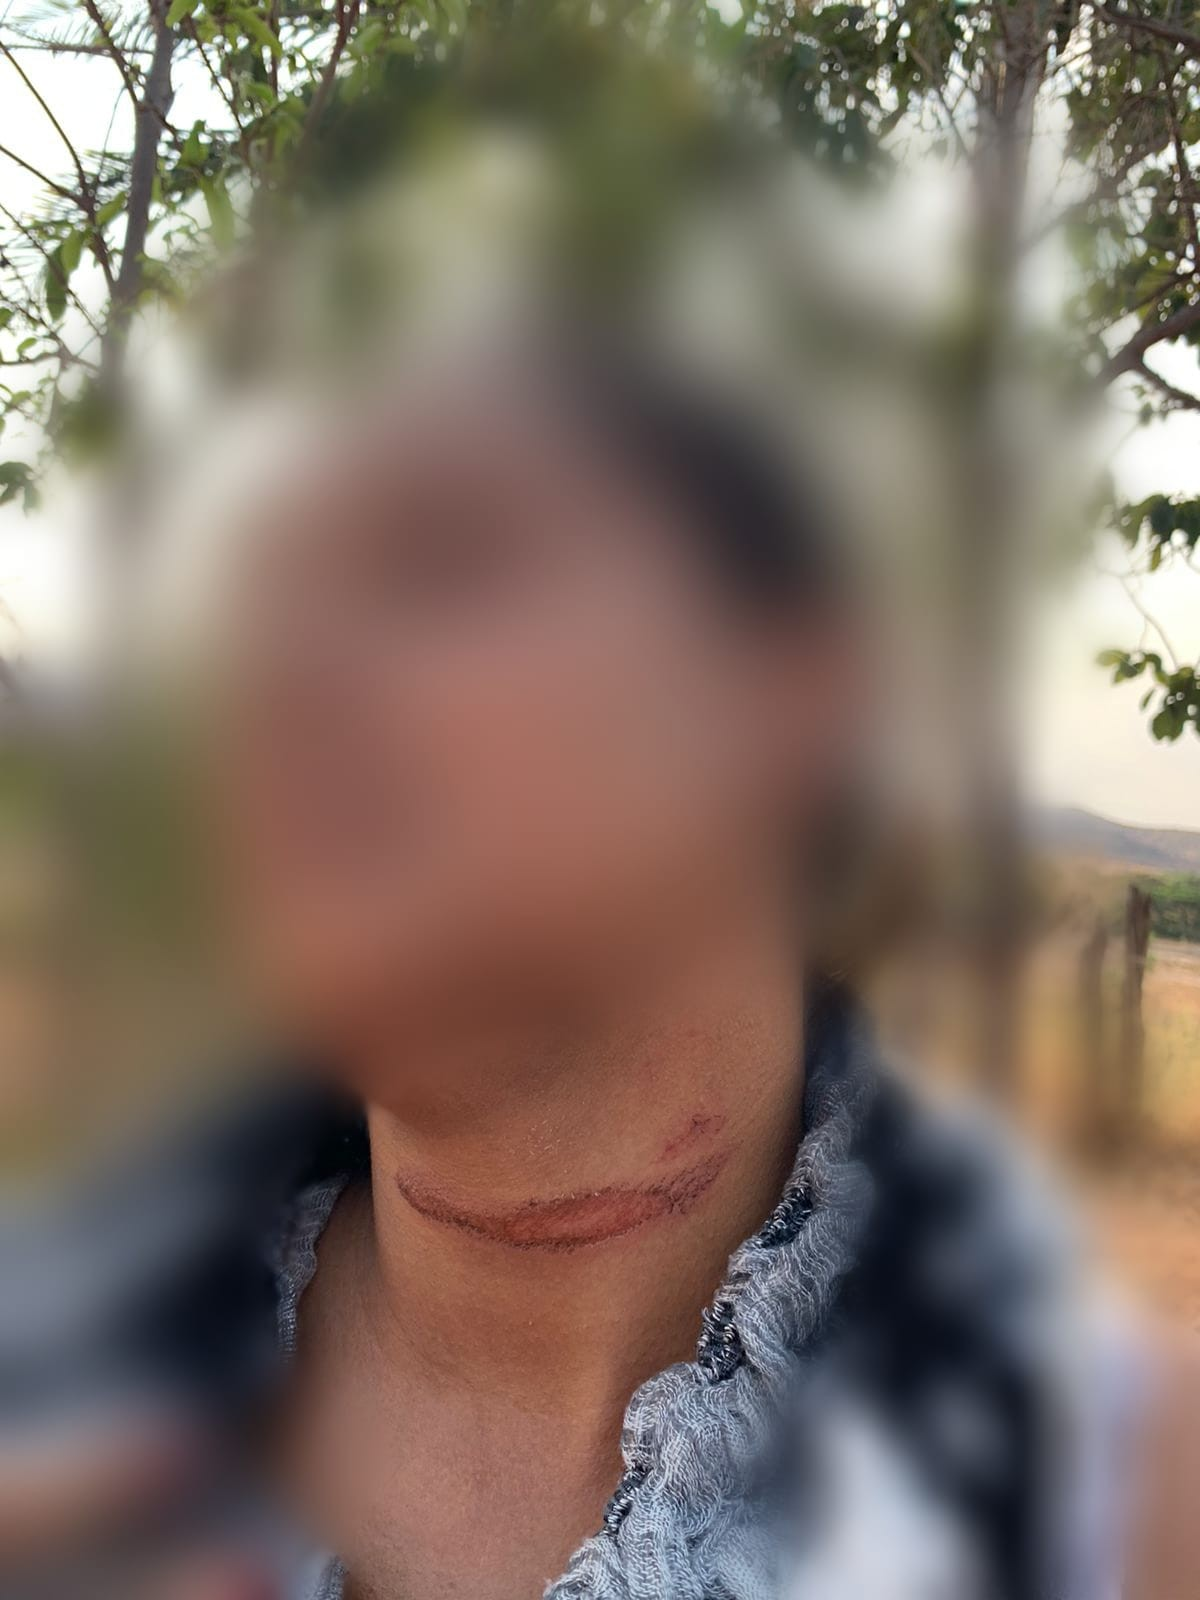 Vereador preso após amarrar esposa em árvore e arrastá-la por terreno em MG é indiciado por tentativa de homicídio qualificado